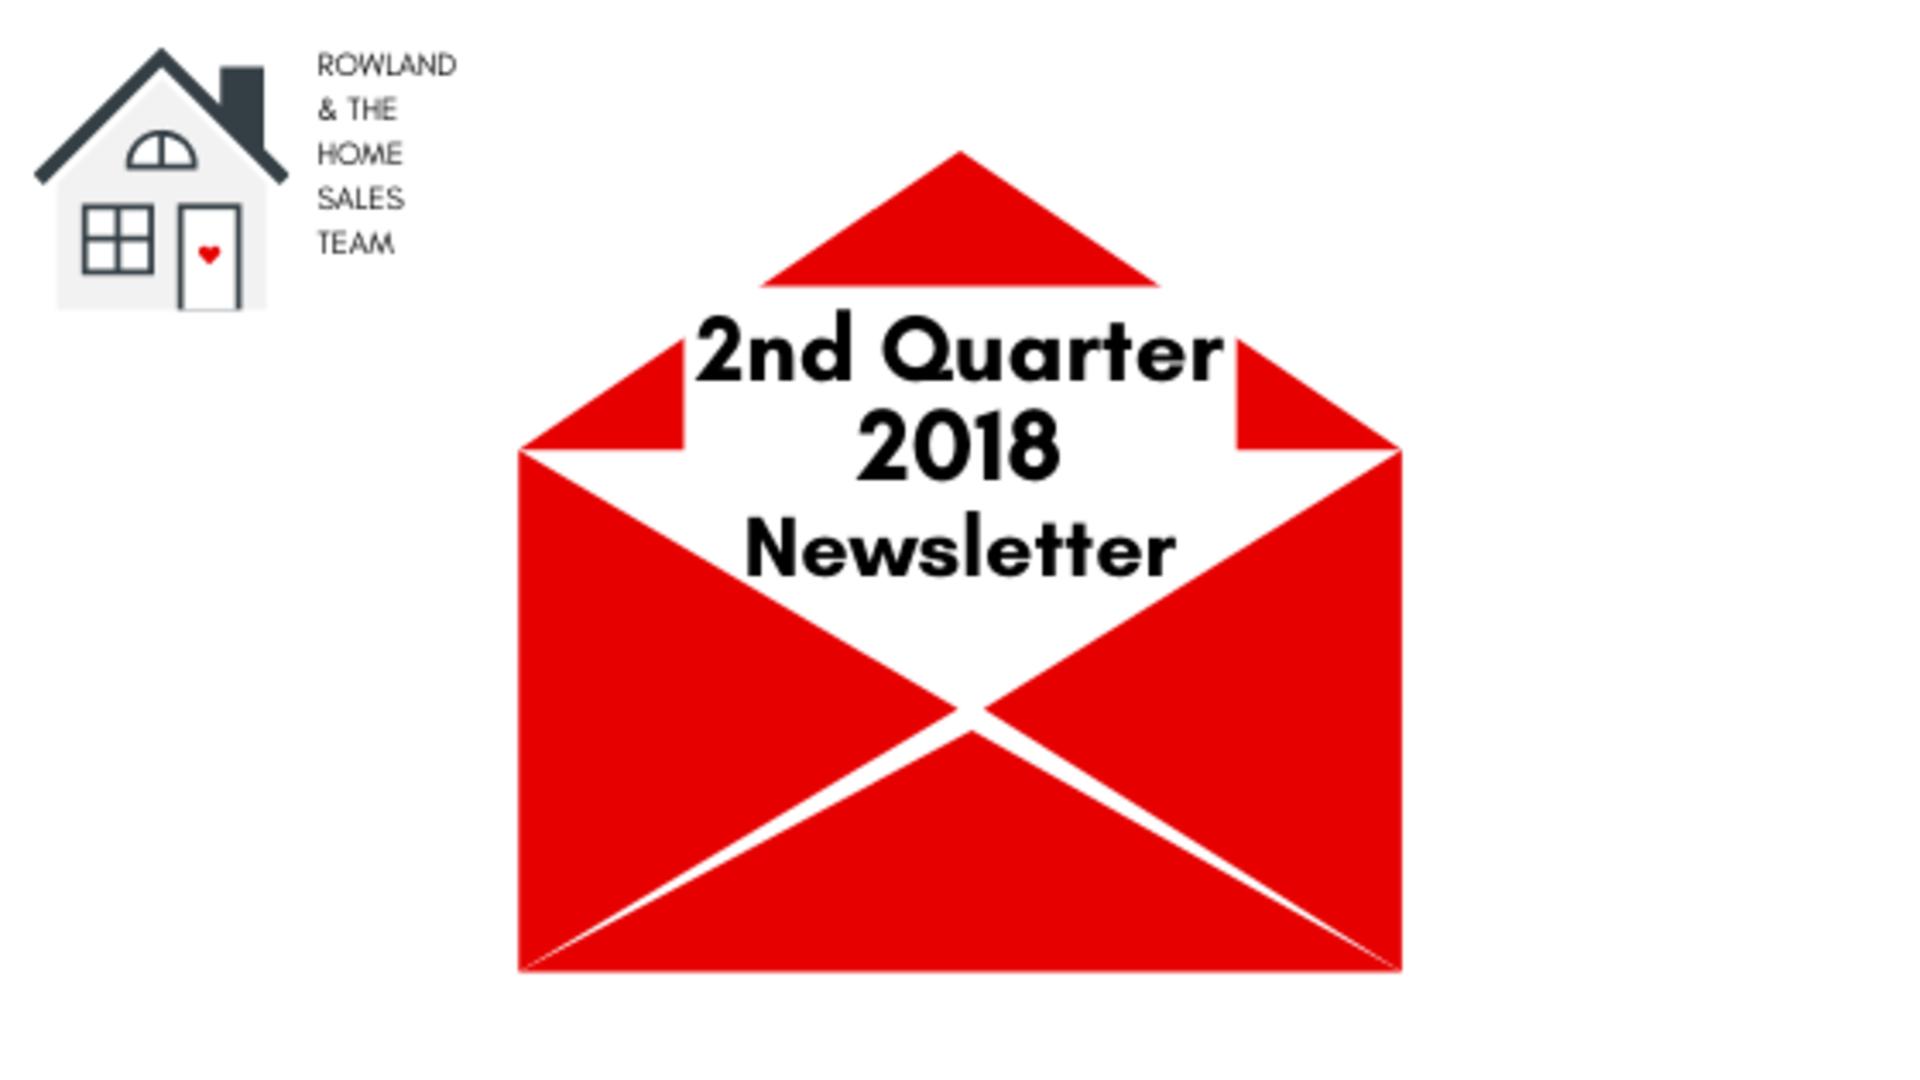 2nd Quarter 2018 Newsletter